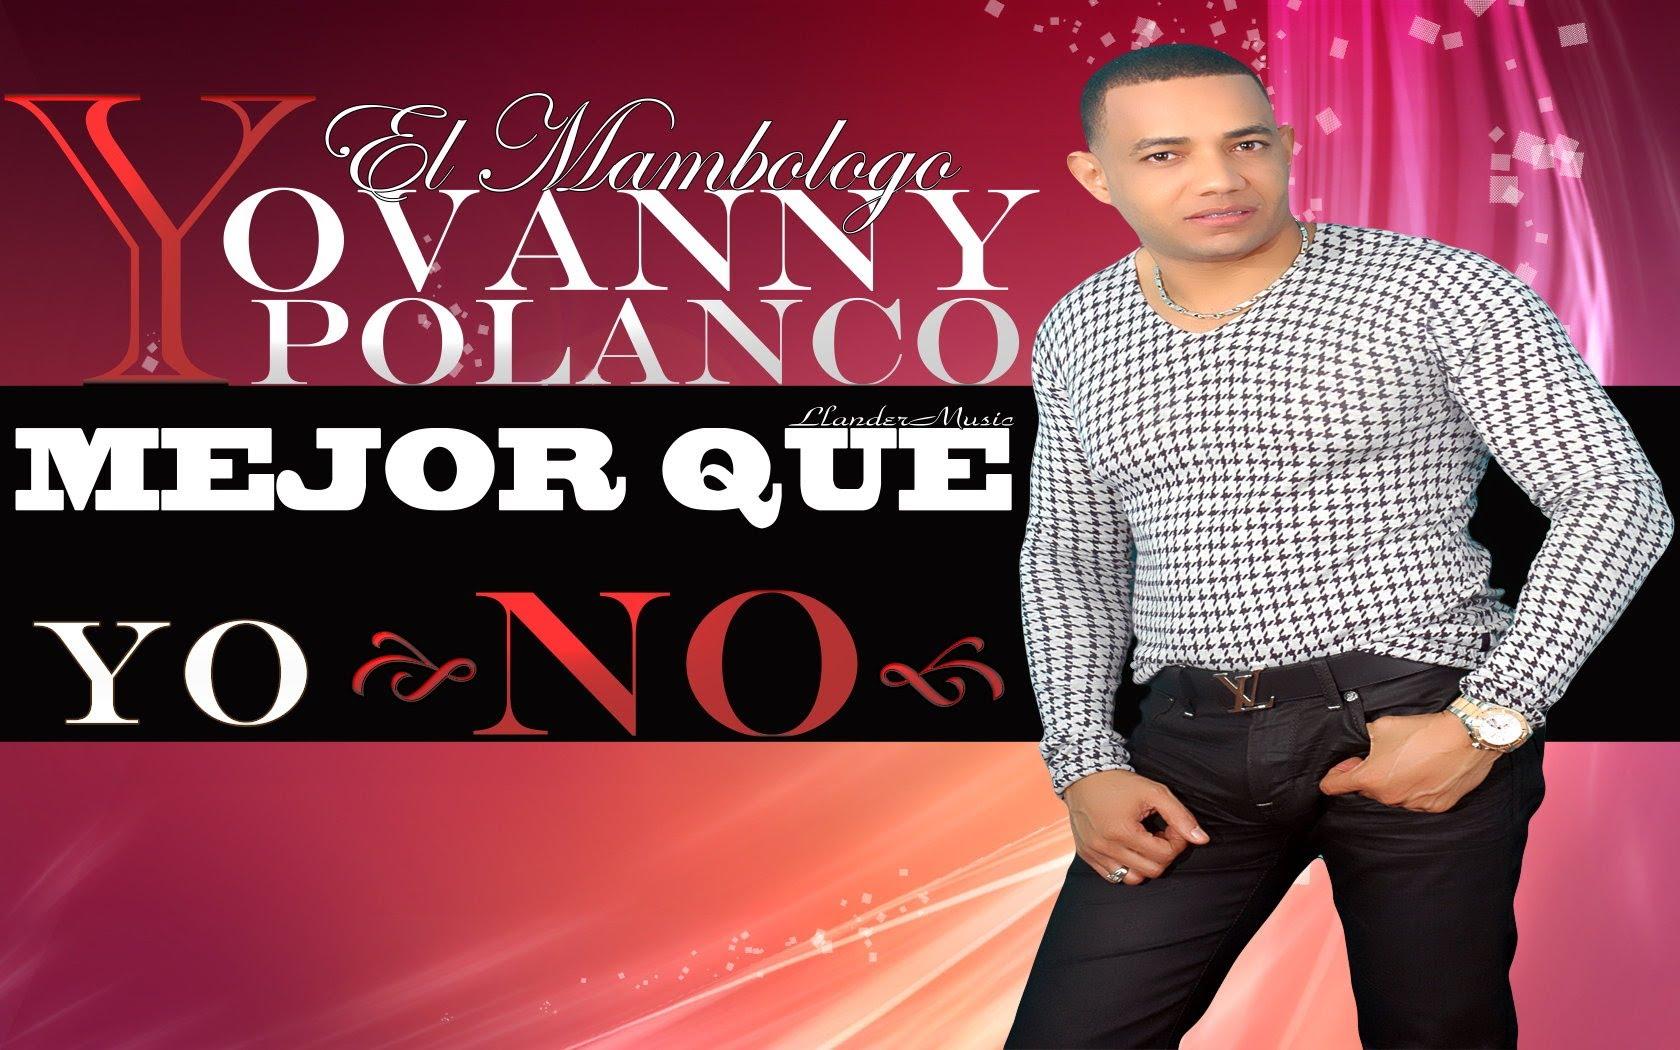 """Yovanny Polanco satisfecho con la acogida del corte """"Mejor que yo, no"""""""